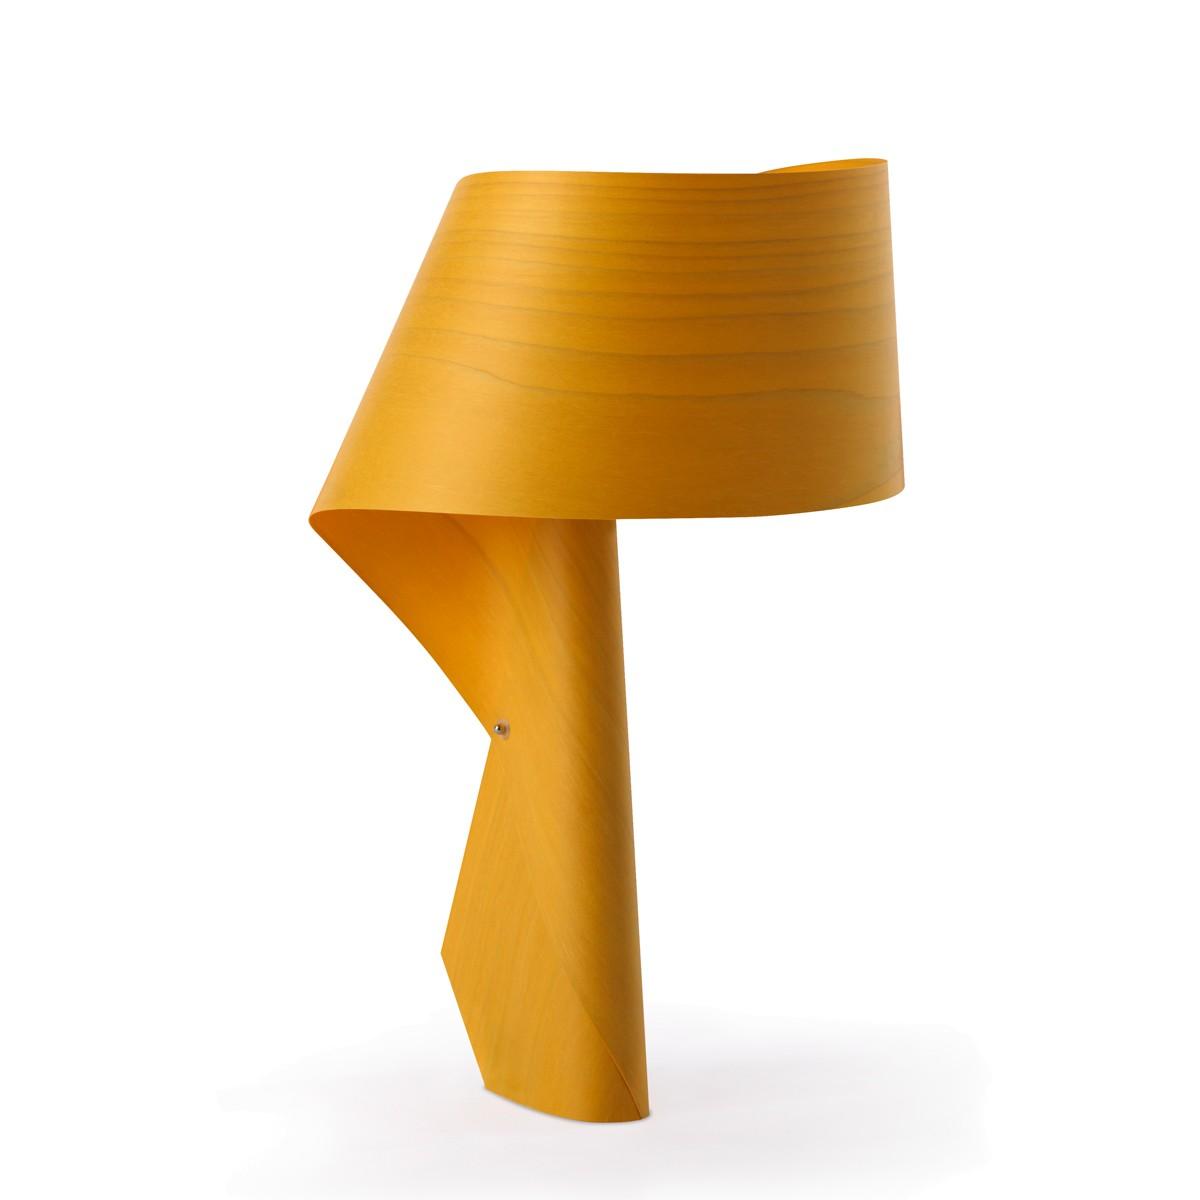 LZF Lamps Air Tischleuchte, gelb